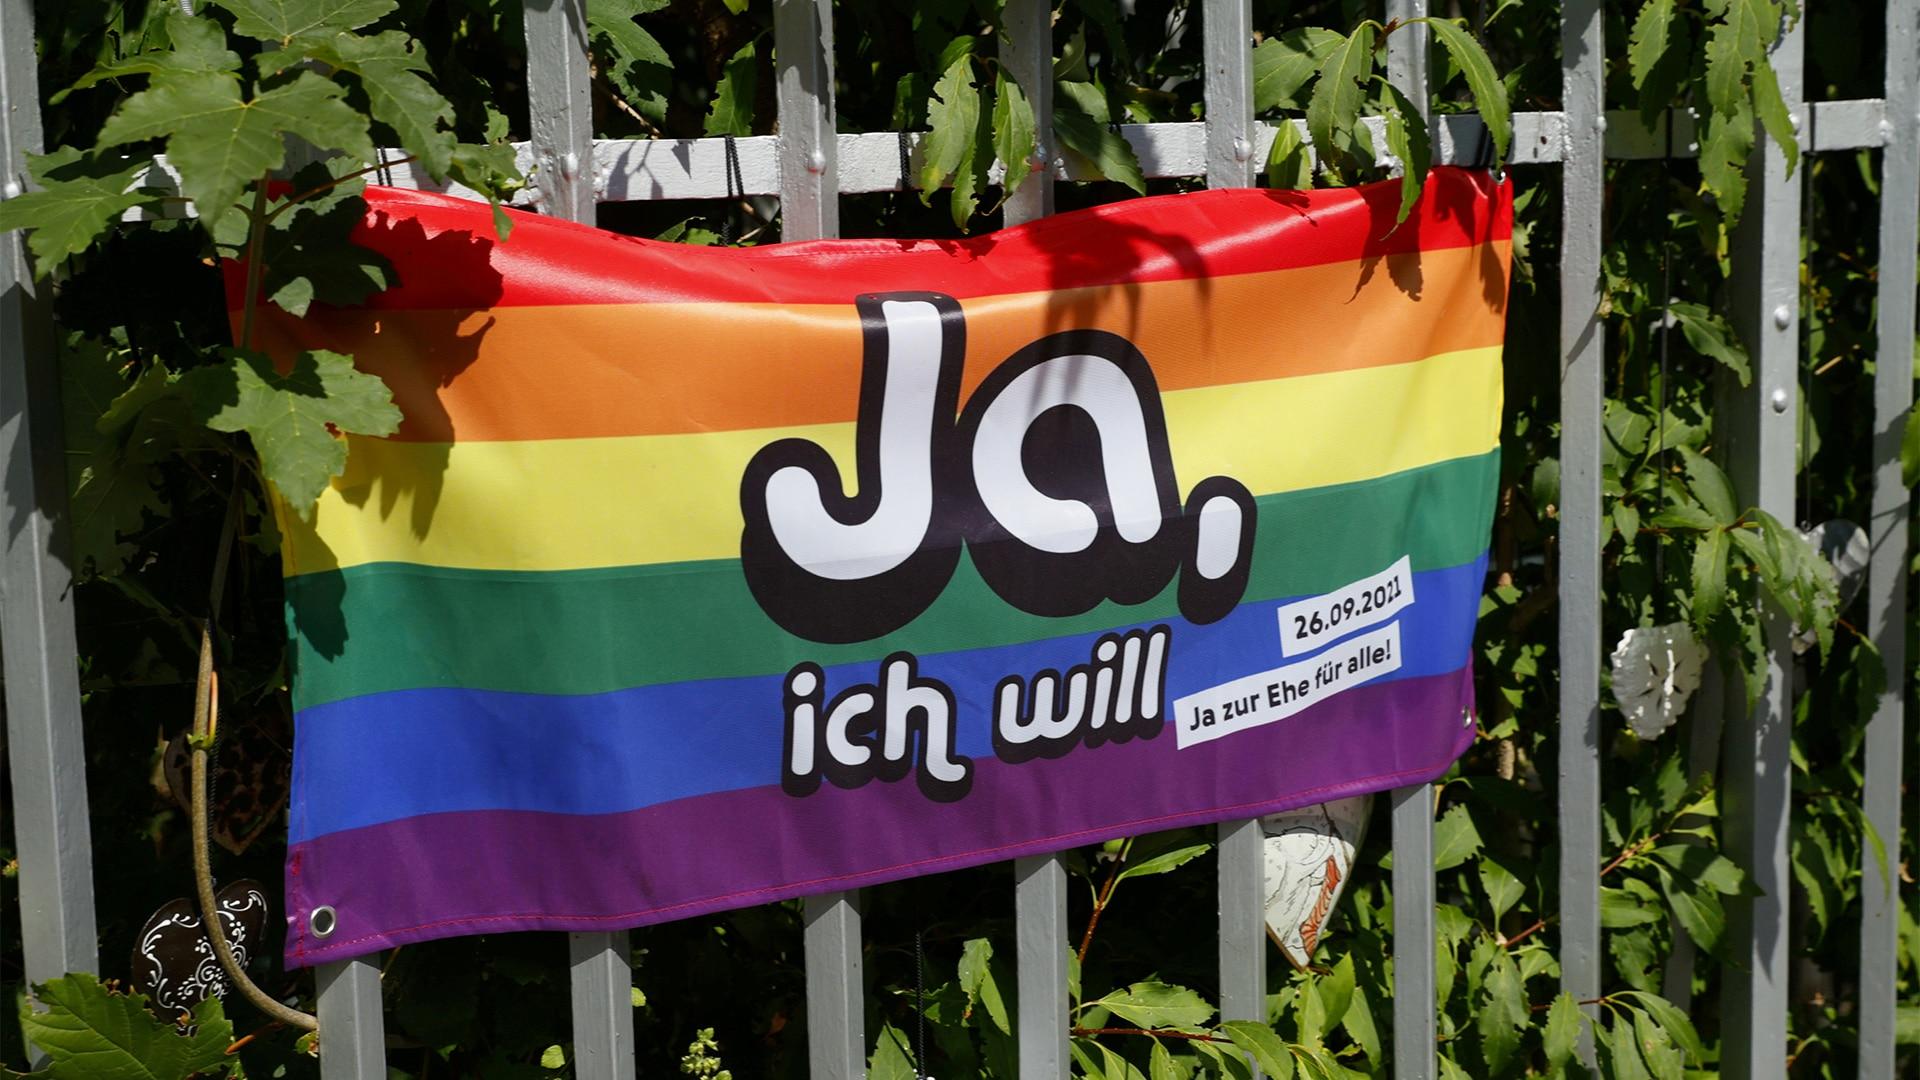 """Schweiz sagt """"Ja, ich will"""" zur Ehe für alle"""